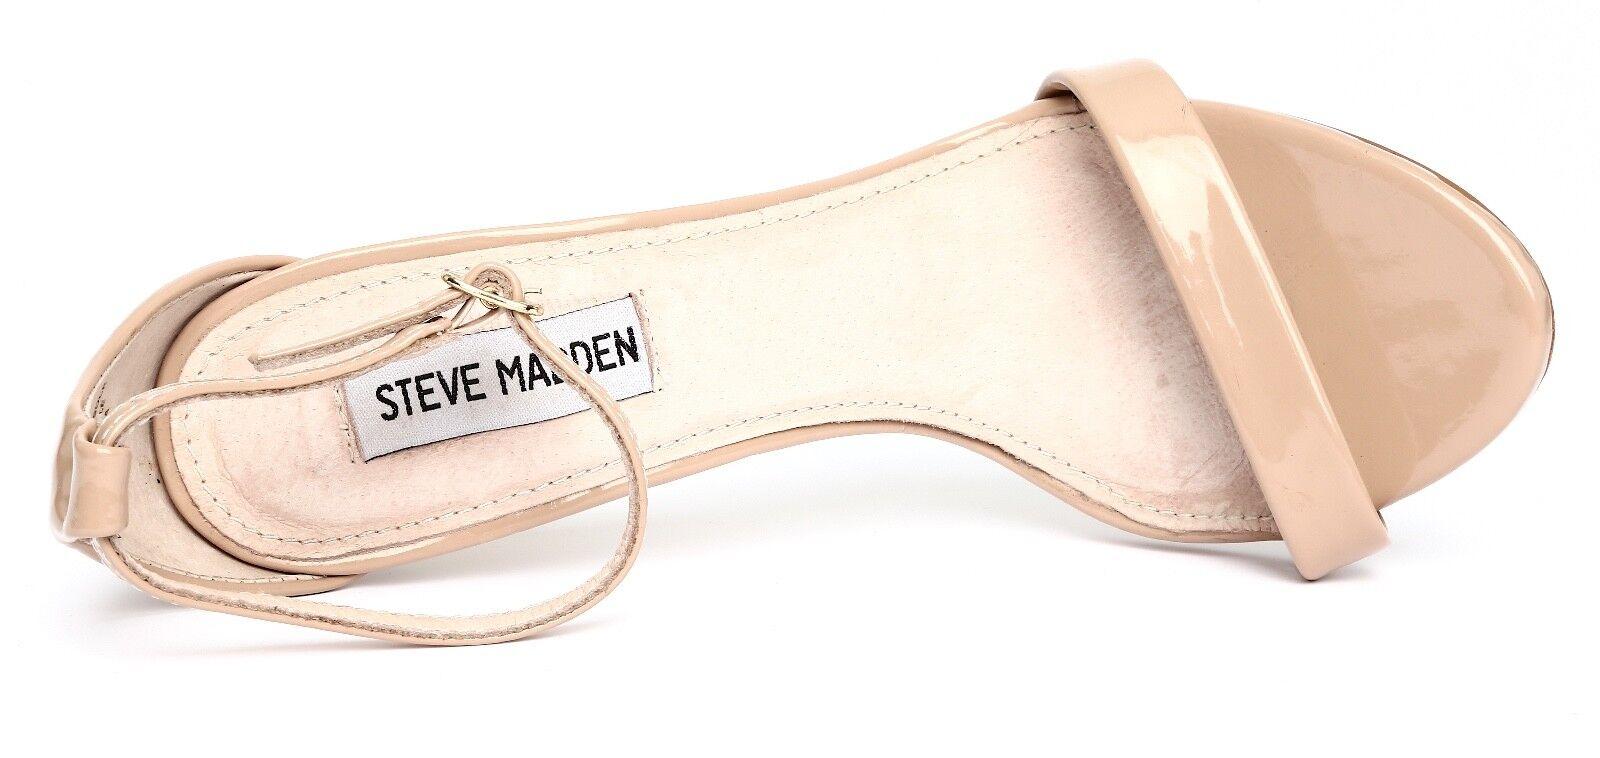 Steve Madden Stecy Patent Leder Nude Ankle Strap Heels Sandale Heels Strap Sz 7.5M 3309 95a634